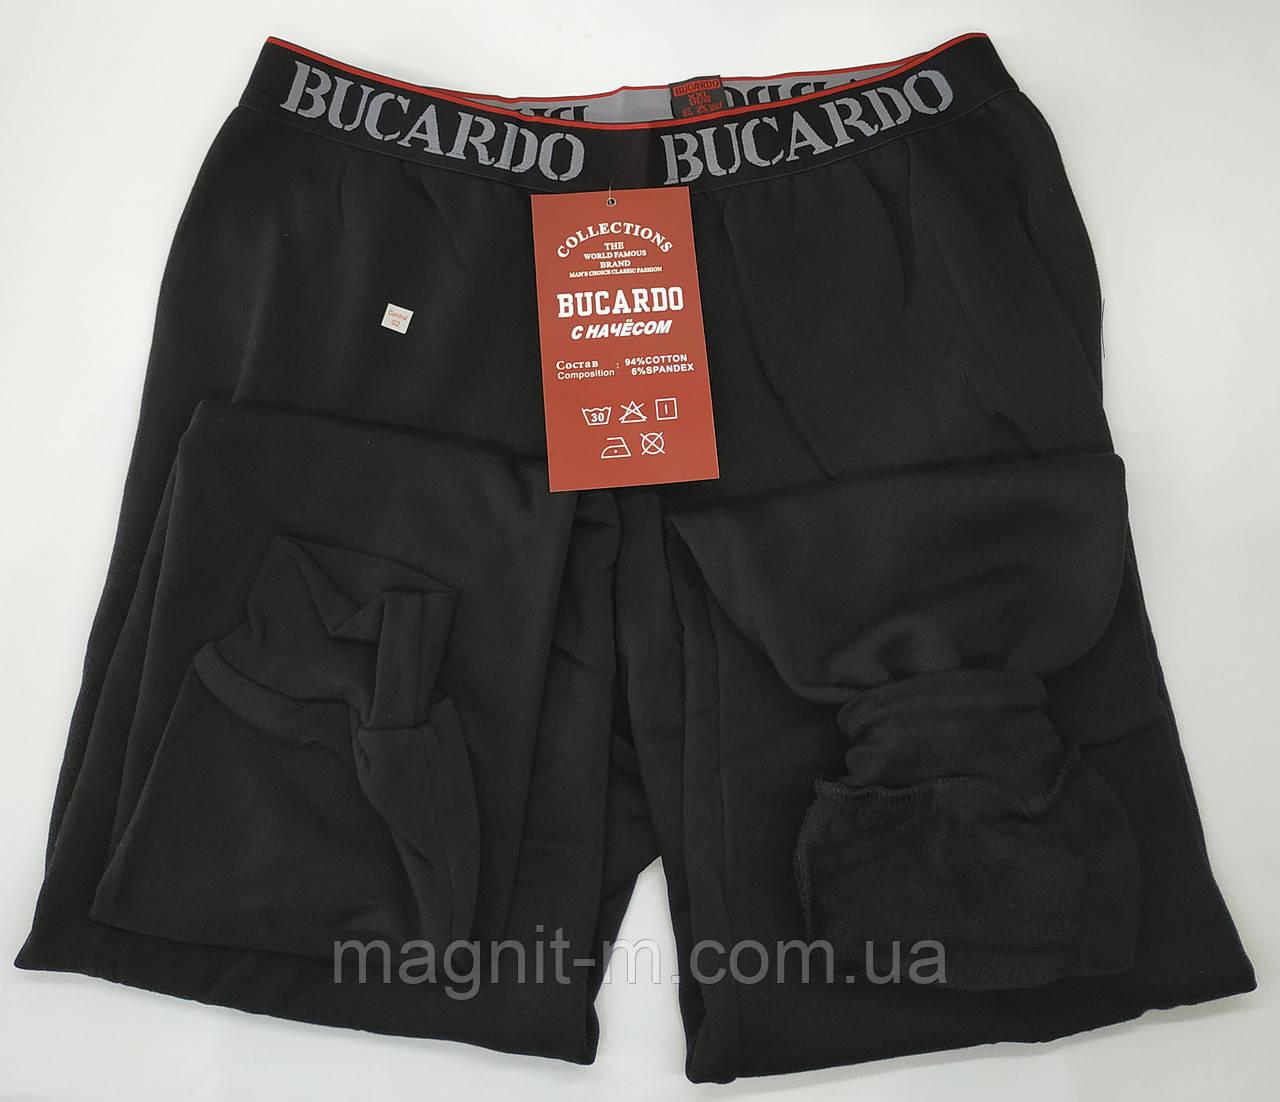 """Теплые подштанники  с начесом """"Bucardo"""". Спортивная резинка. Черный цвет."""